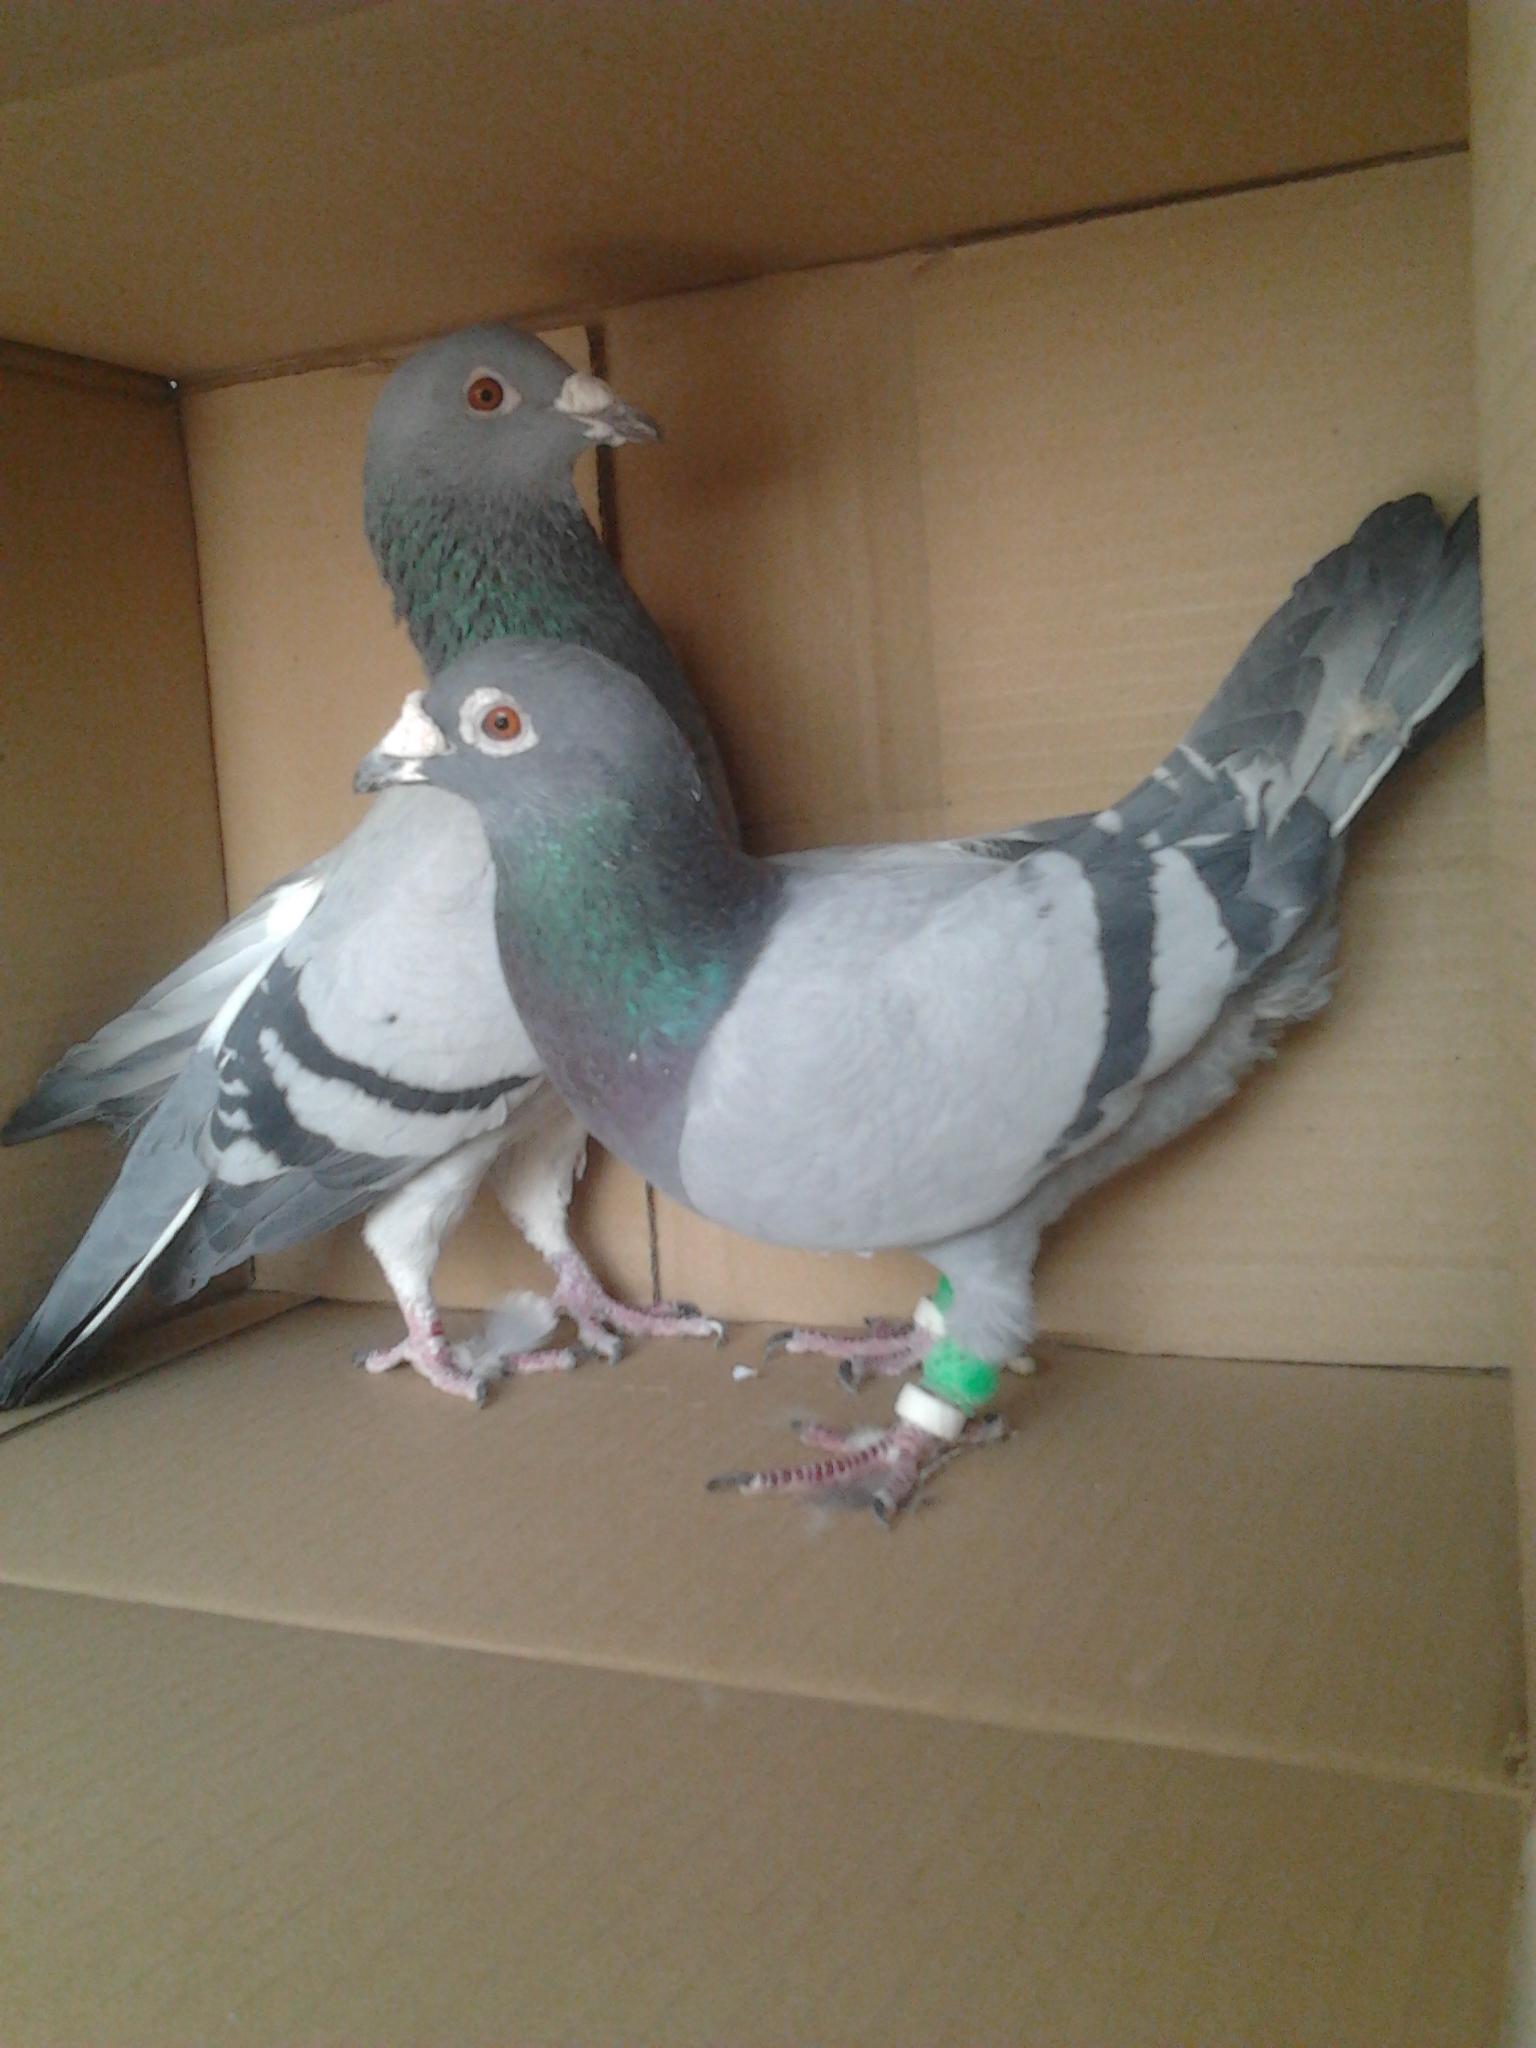 گروه تلگرامی کبوتر های مسافتی لیست قیمت کبوتر | لیست قیمت کبوتر | گالری عکس ویژه ترین ...